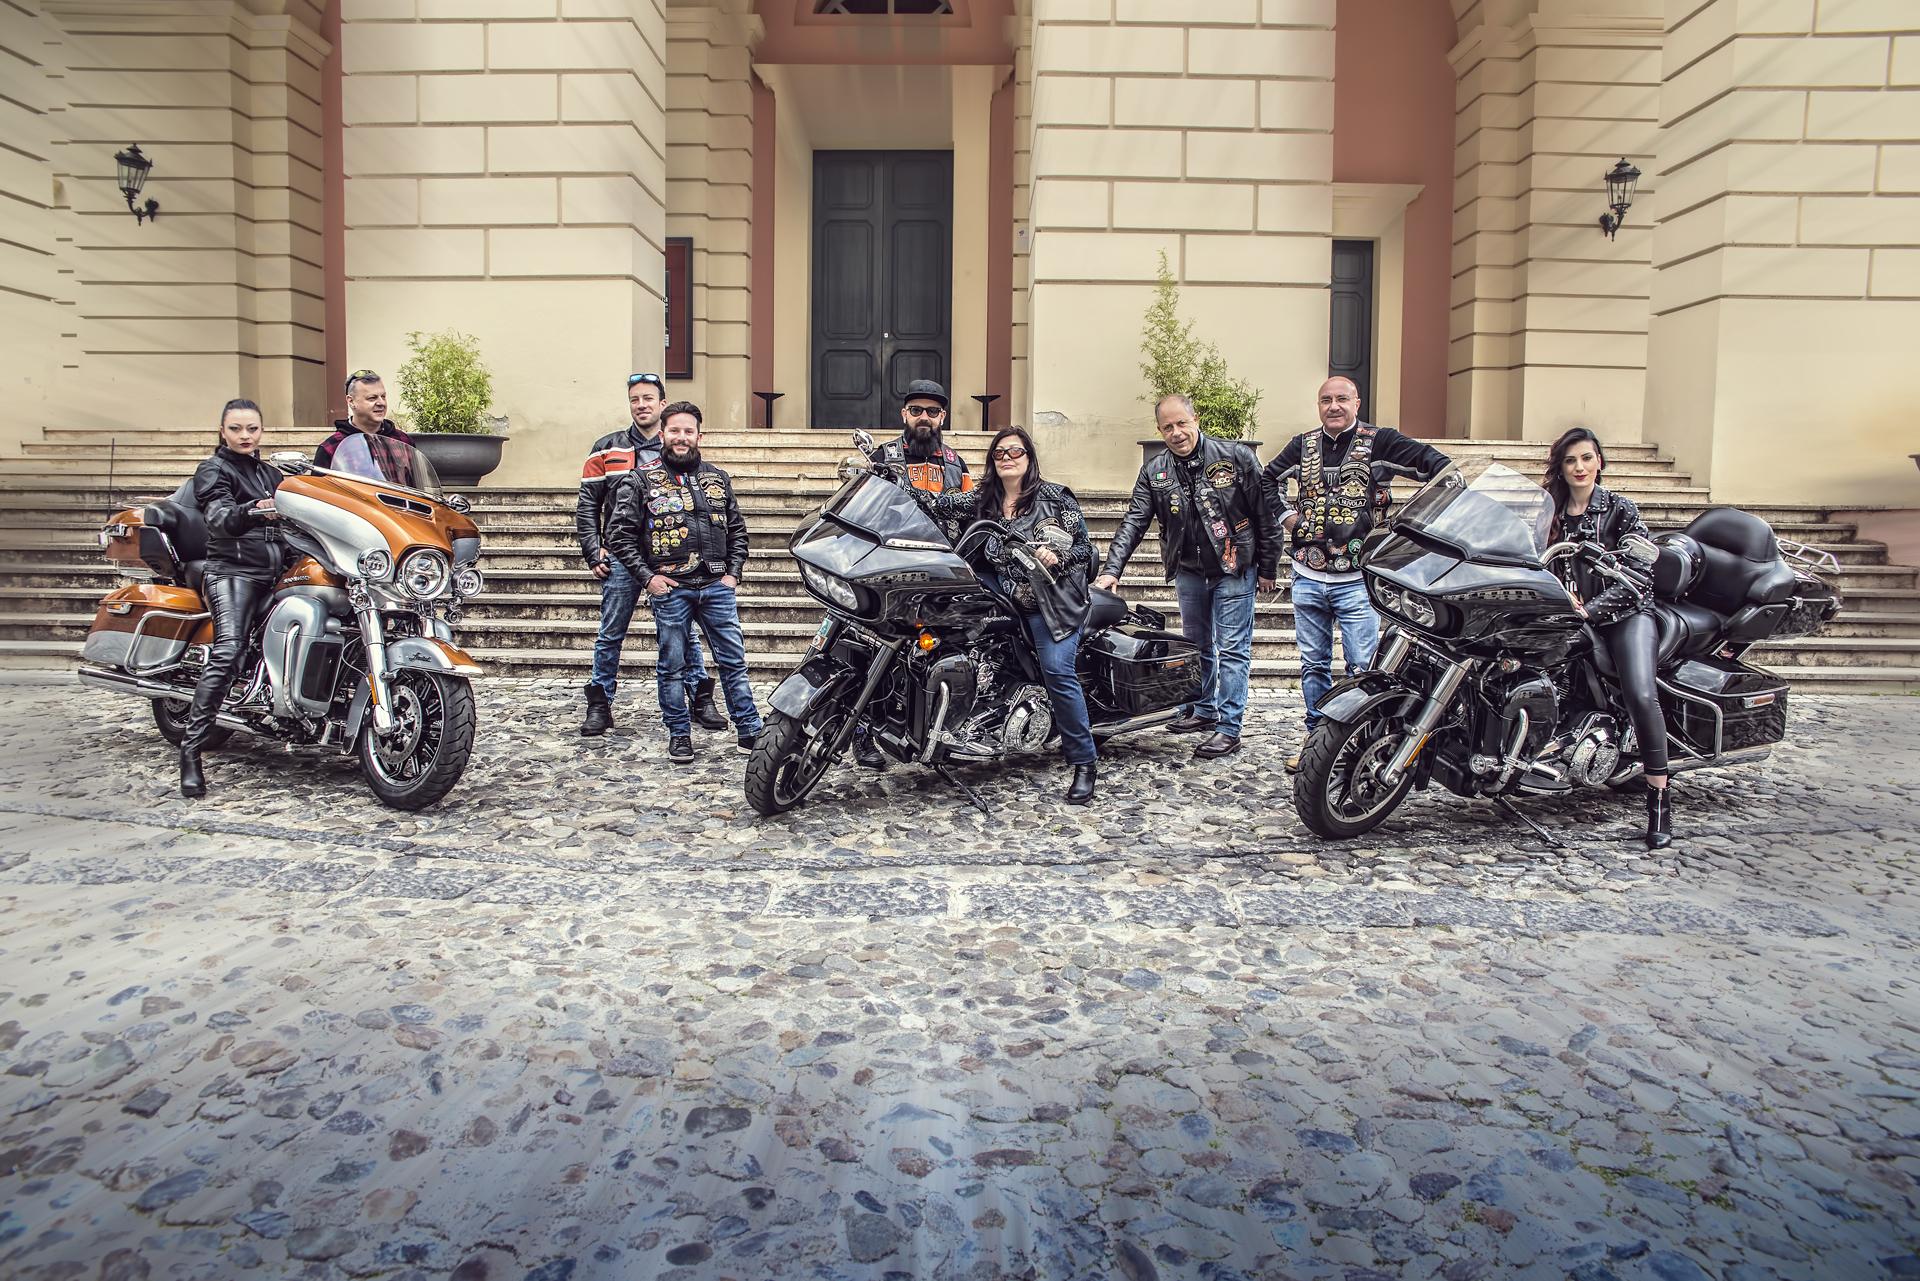 Le Harley Davidson che parteciperanno al Festival delle due ruote di Cosenza